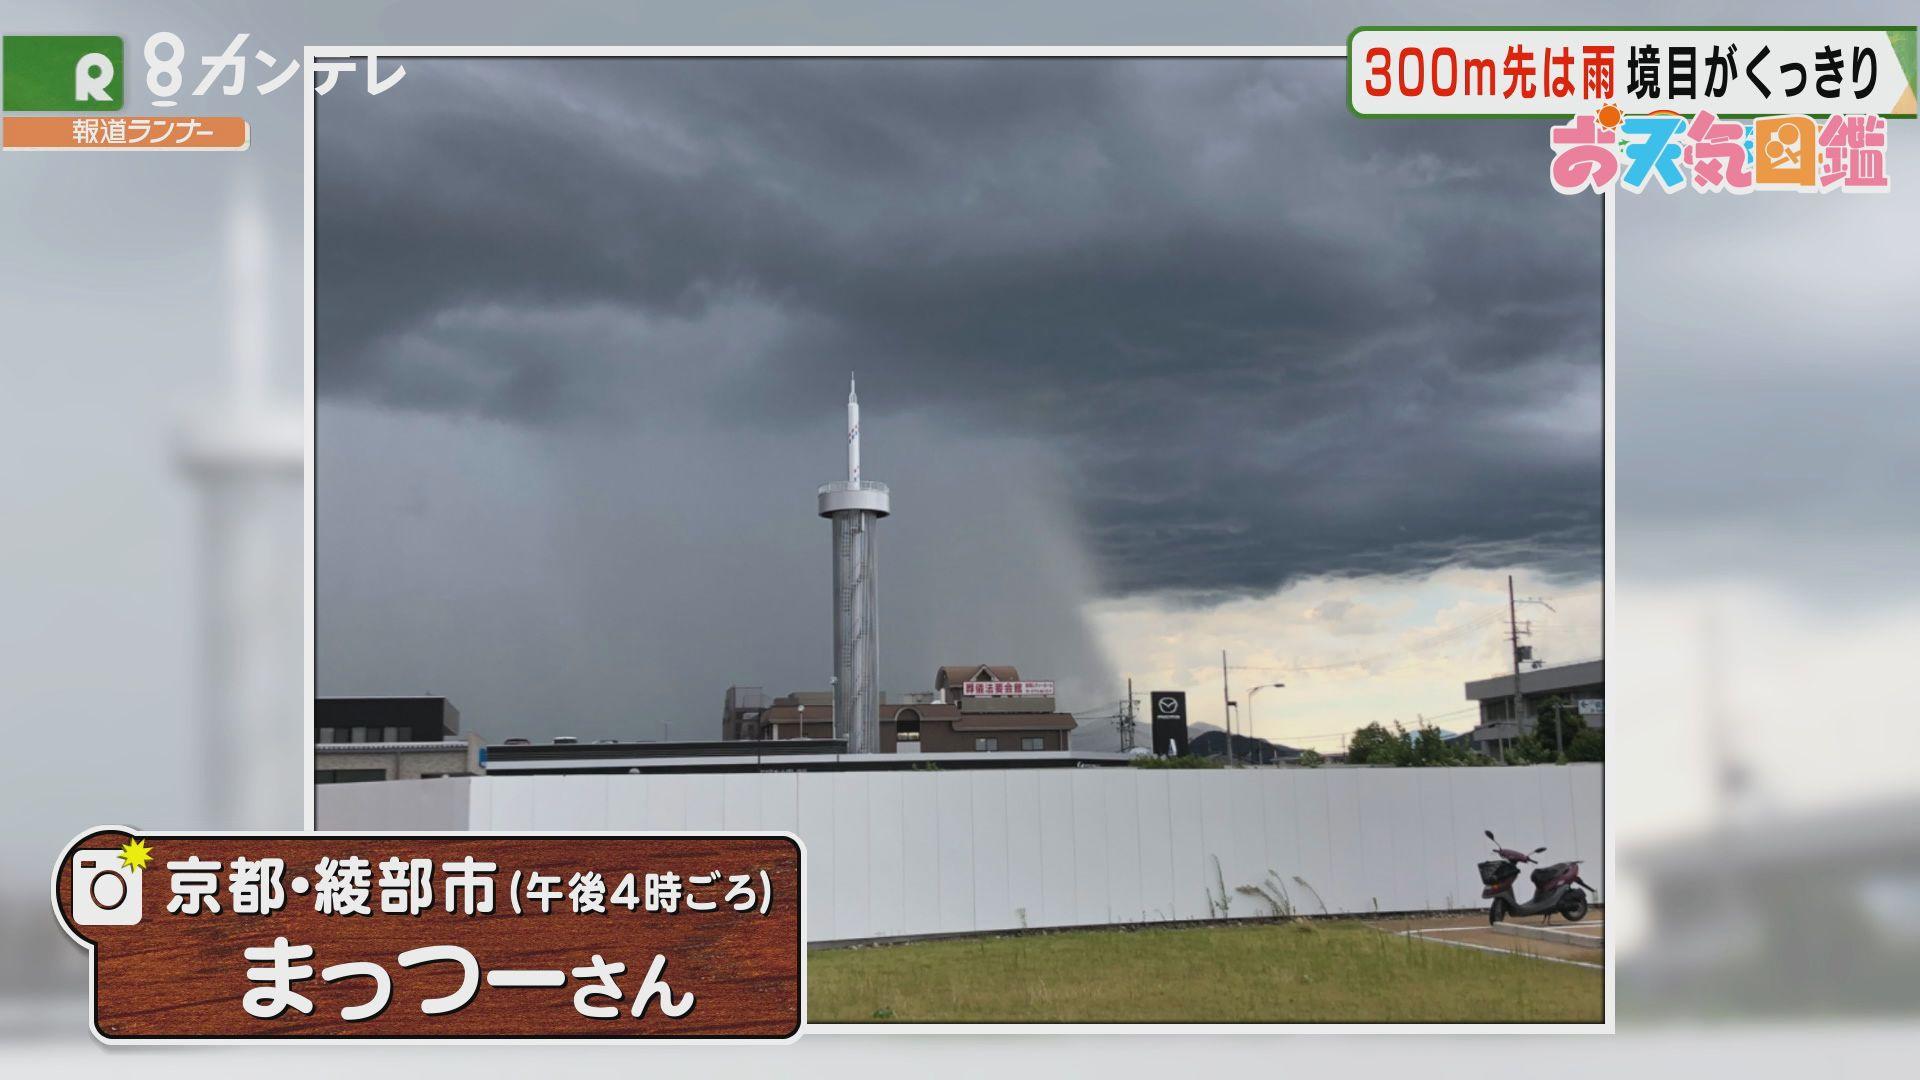 「ゲリラ豪雨の境目」(京都・綾部市)